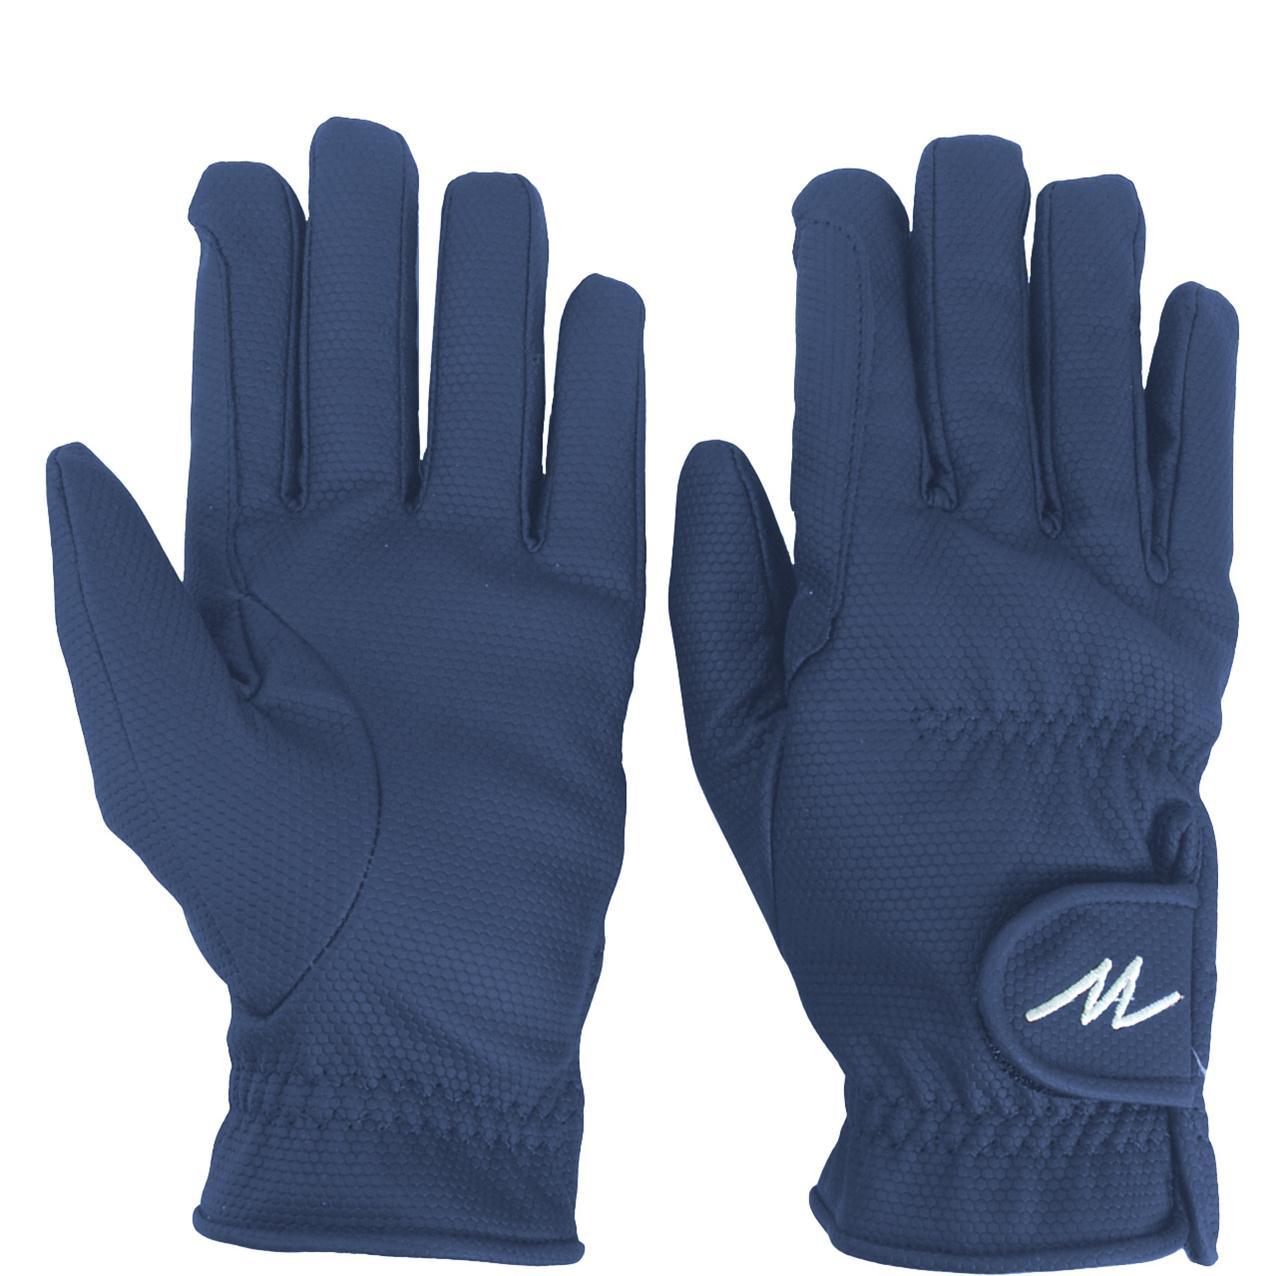 Mondoni Bolivia handschoen blauw maat:8